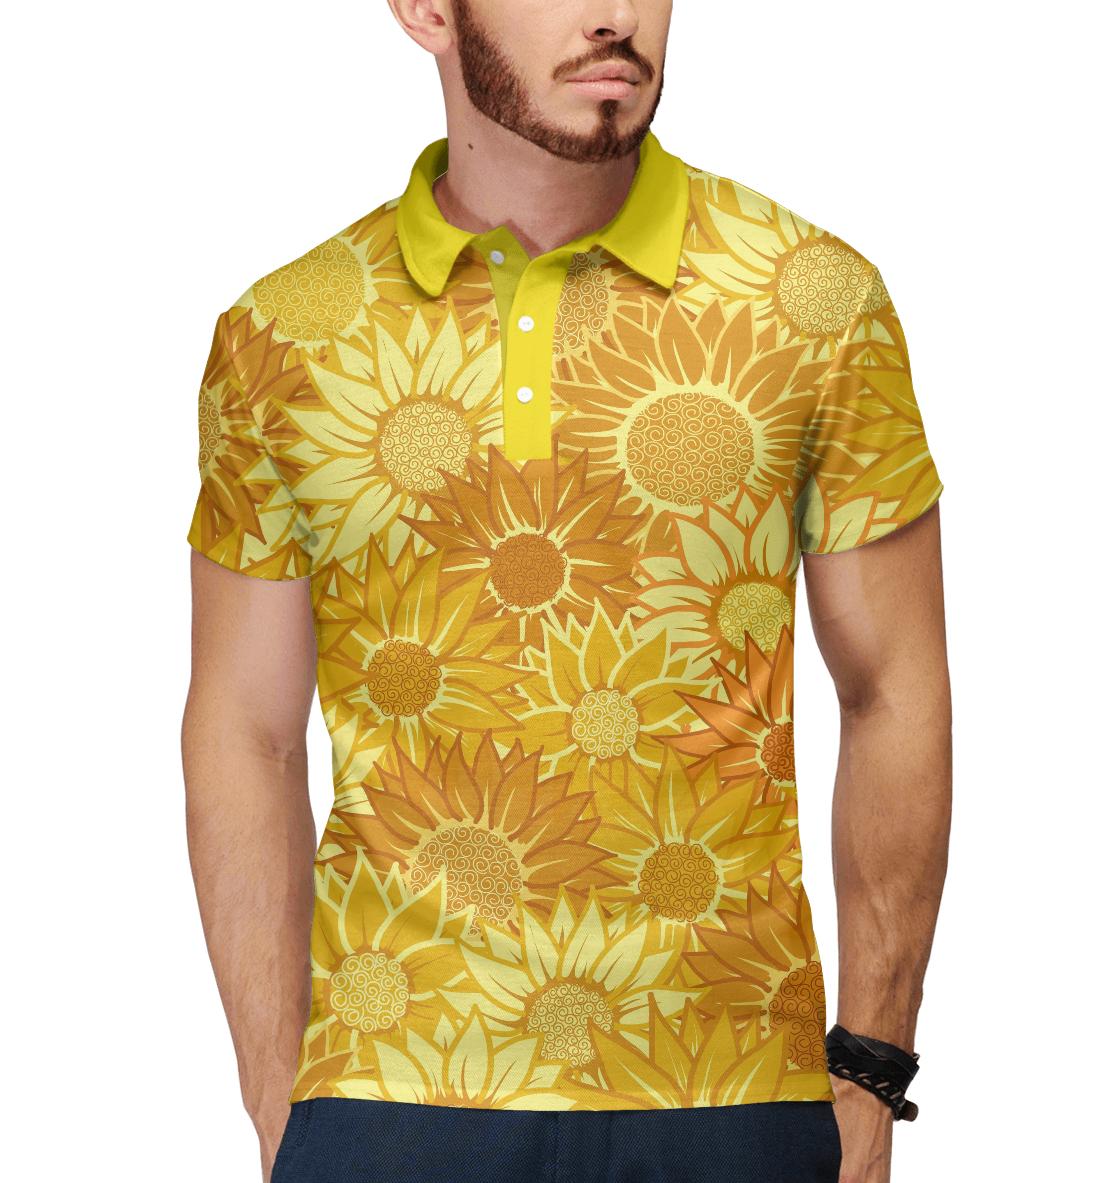 Купить Жёлтые цветы, Printbar, Поло, CVE-931660-pol-2